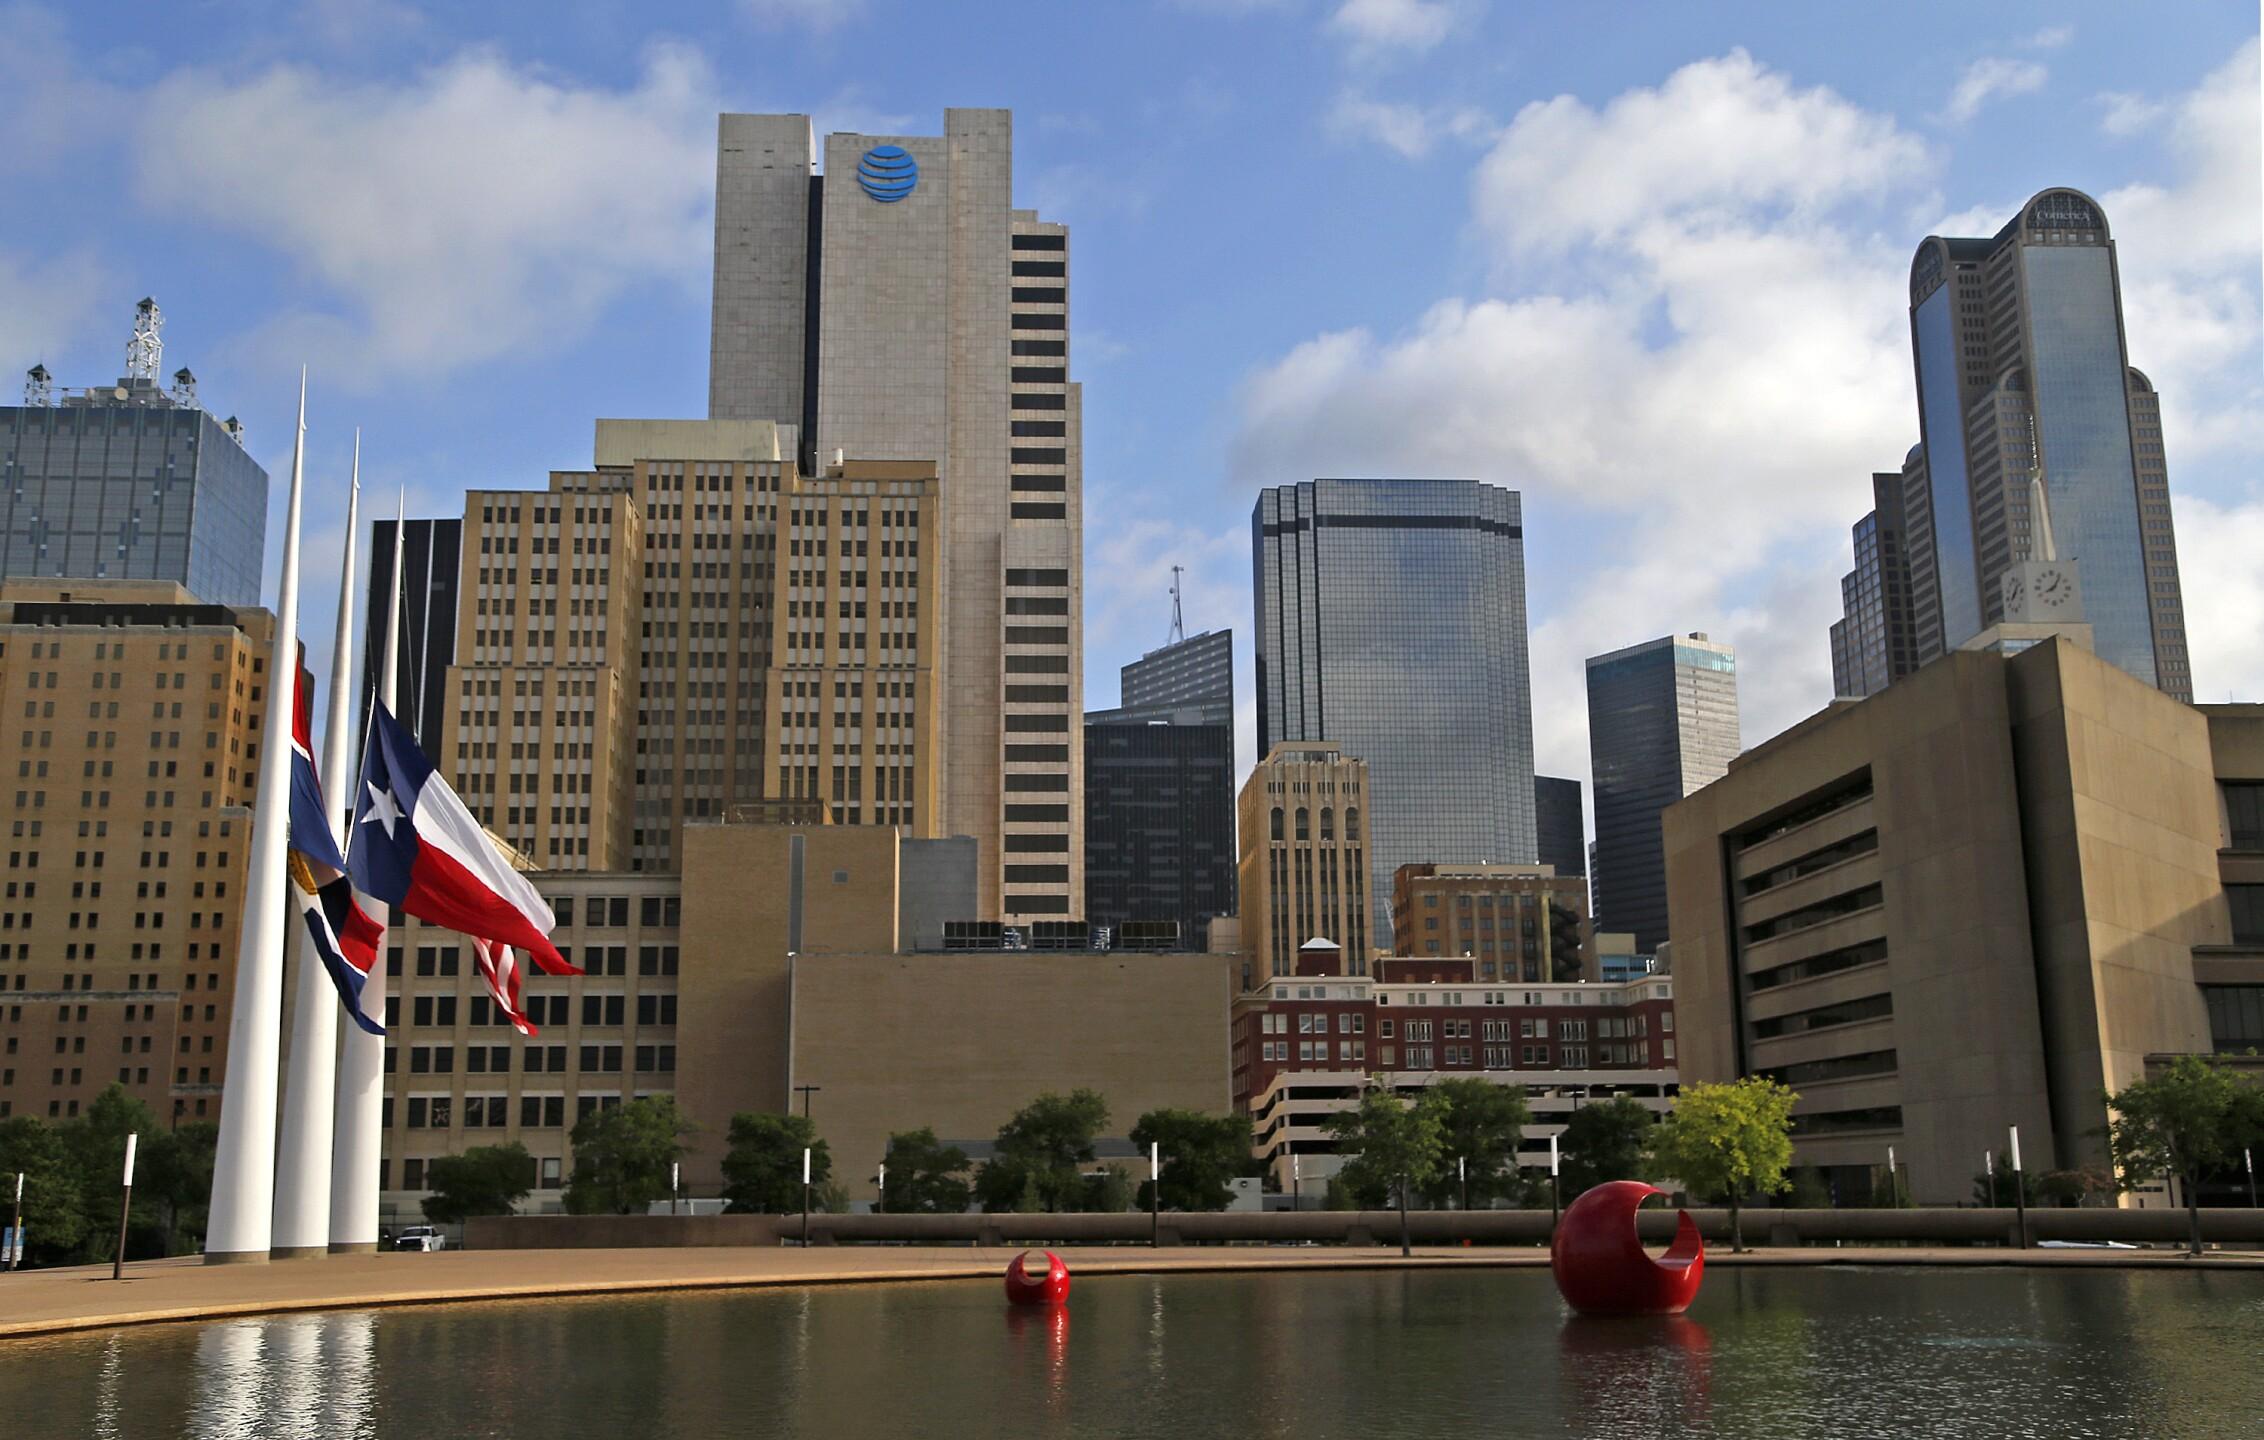 Dallas, TX skyline